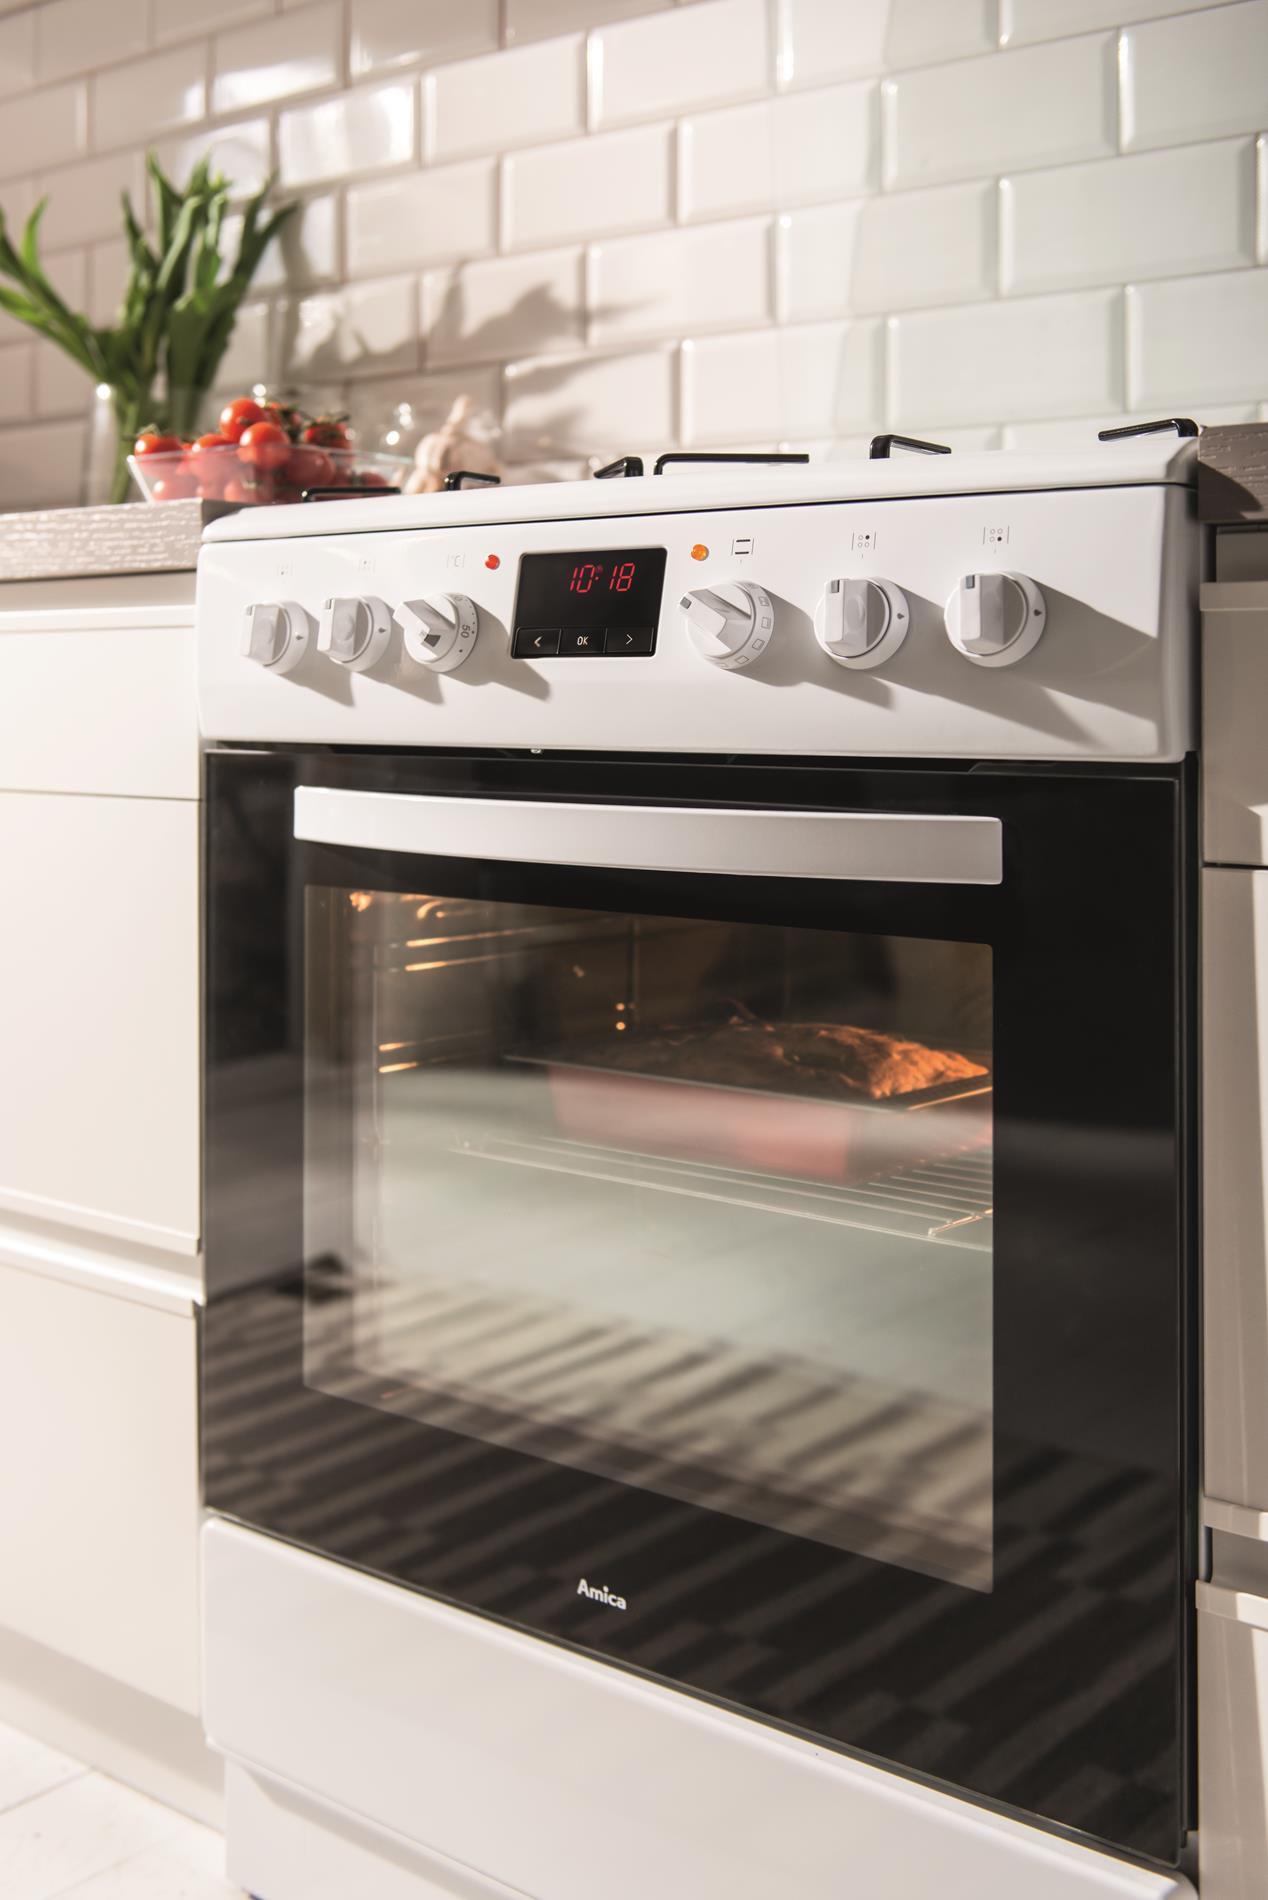 Kuchnia wolnostojąca gazowo elektryczna 600 620GE3 33ZpTaDpNQ(W)  Amica -> Kuchnia Gazowo Elektryczna Amica Ceny